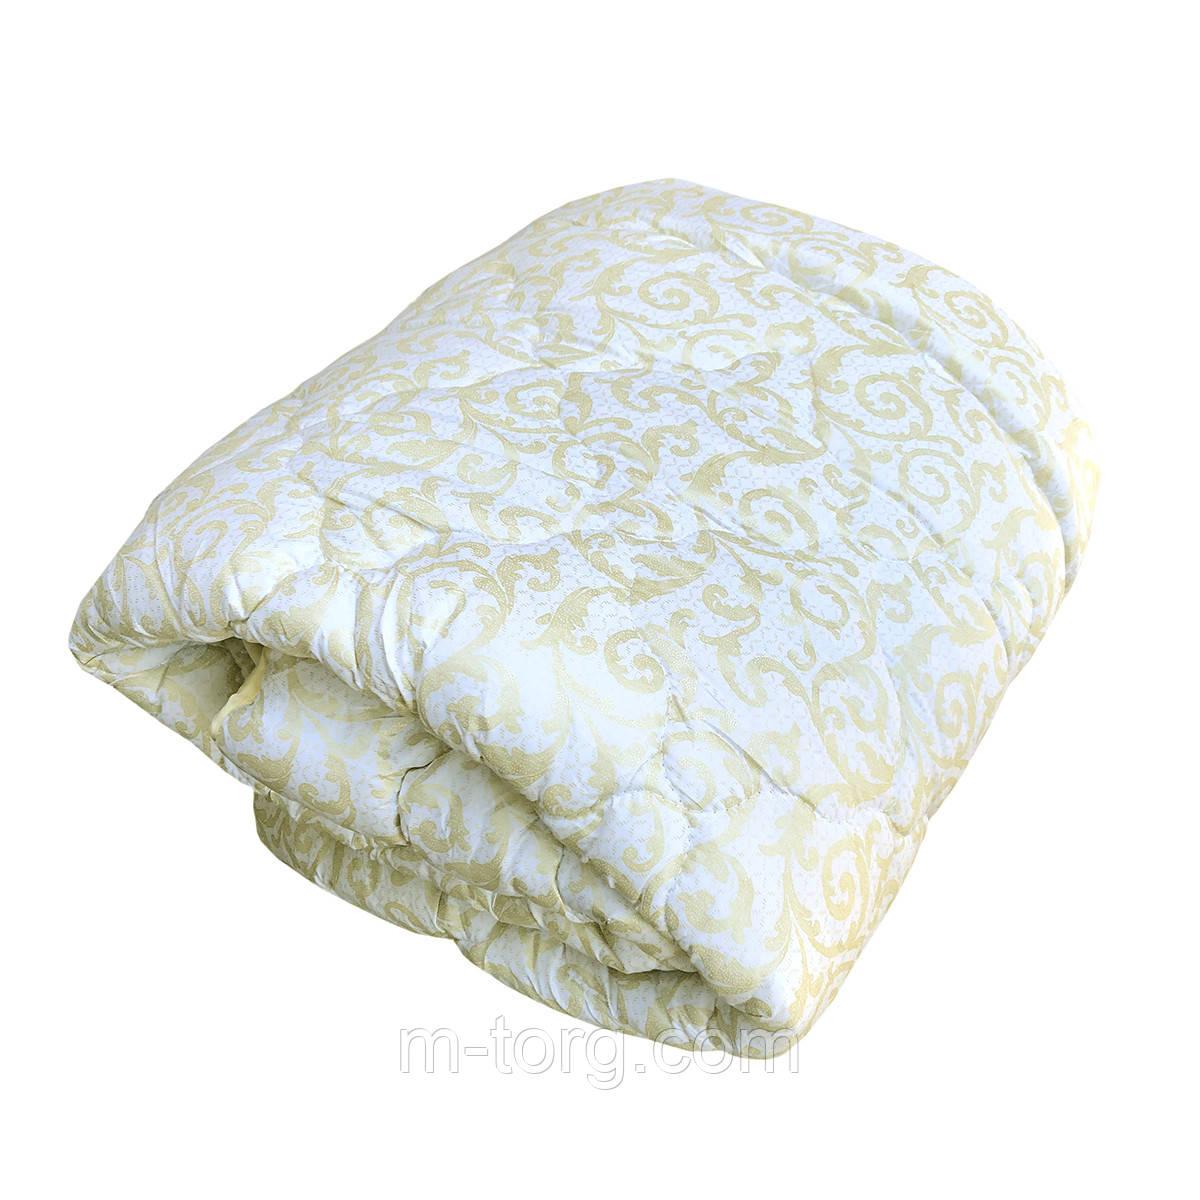 Одеяло полуторное холлофайбер, ткань микрофибра